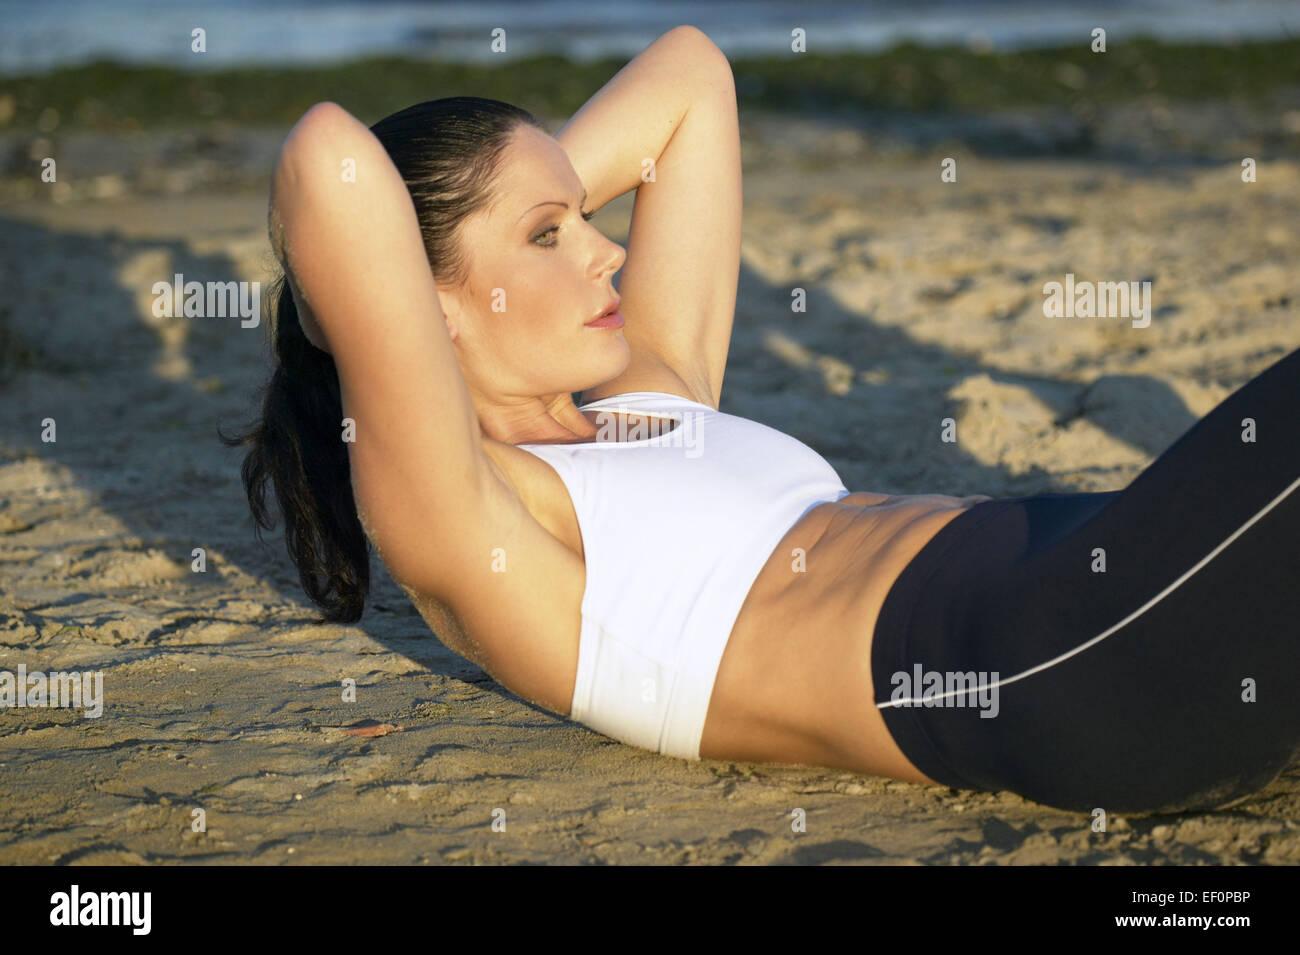 Frau Sportdress Oberkoerper abdominal en la parte superior del cuerpo rizos Bauchmuskeluebung Crunch ABDOMINALES Imagen De Stock